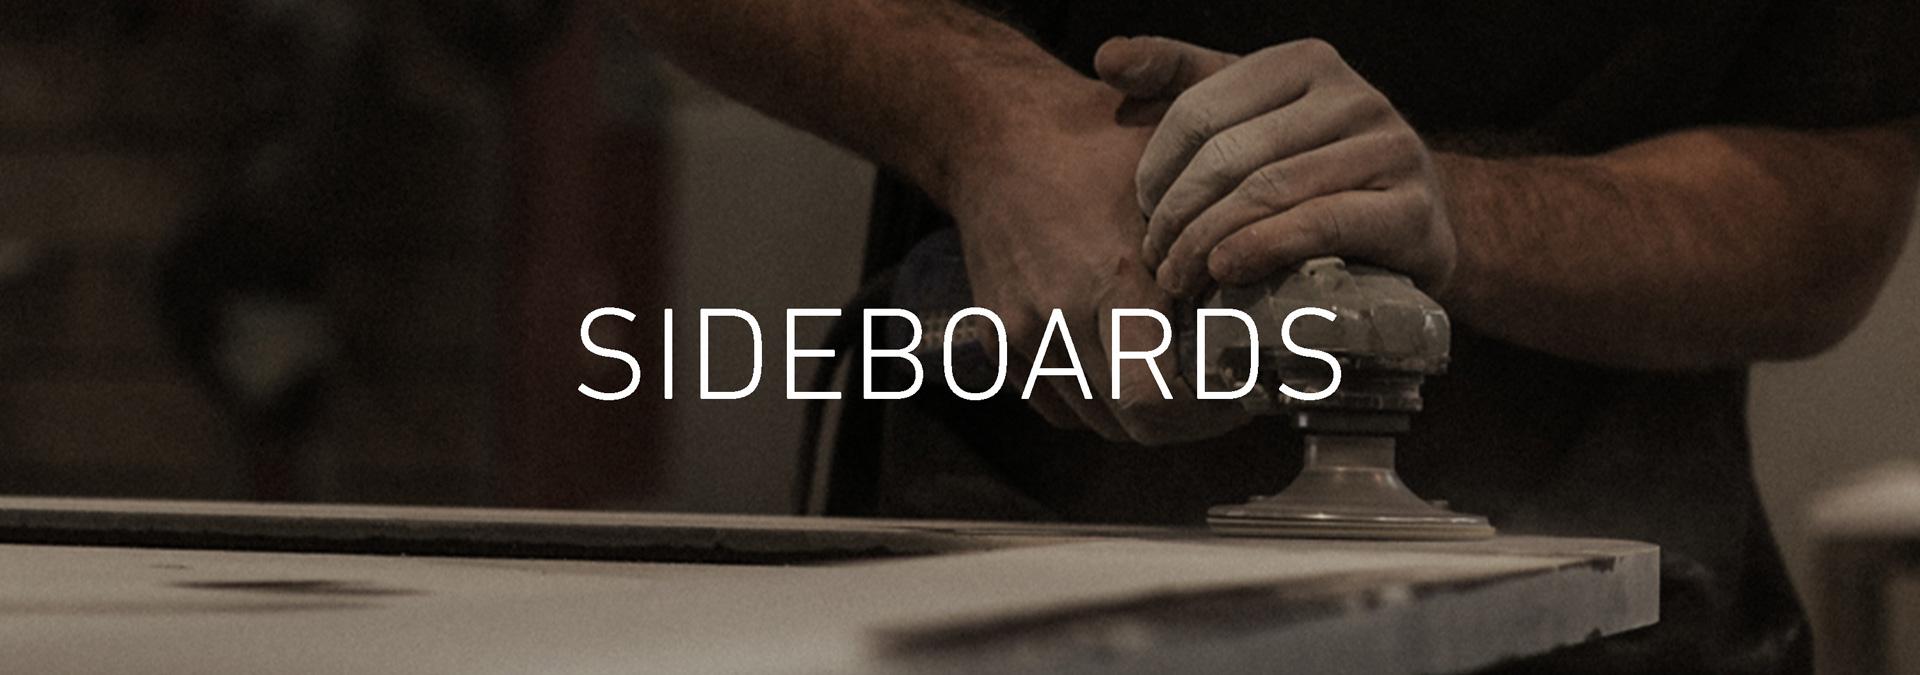 banner-sideboard